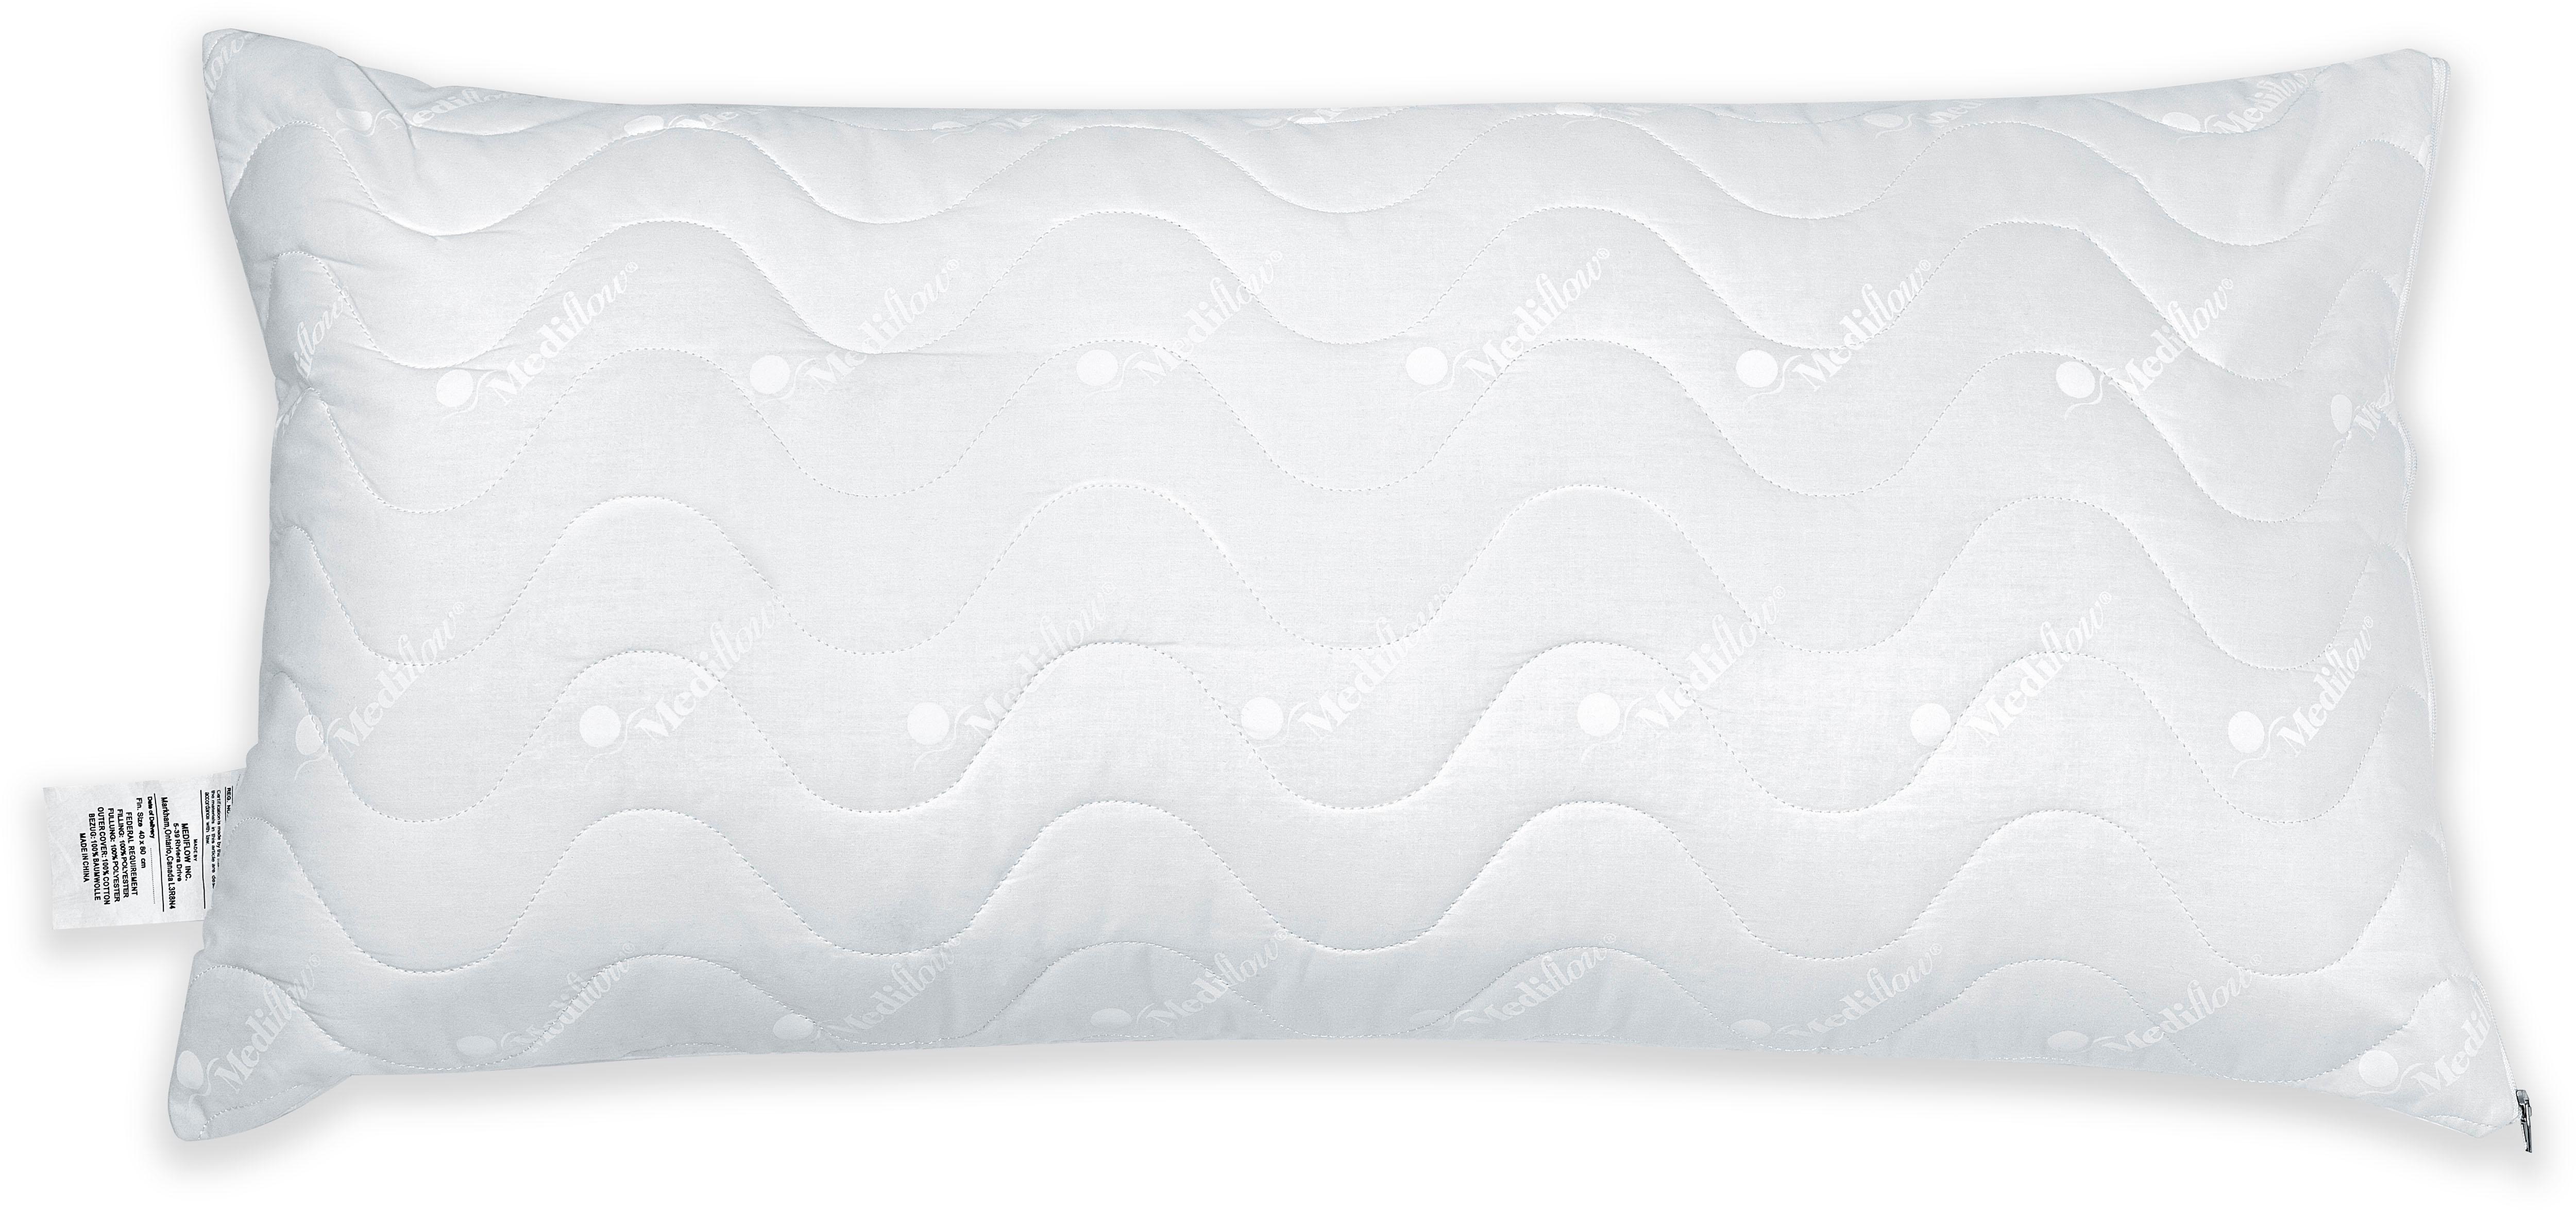 Wasserkissen Mediflow gesteppter Luxus Schonbezug 5020 40x80cm Mediflow Bezug: 100% Baumwolle